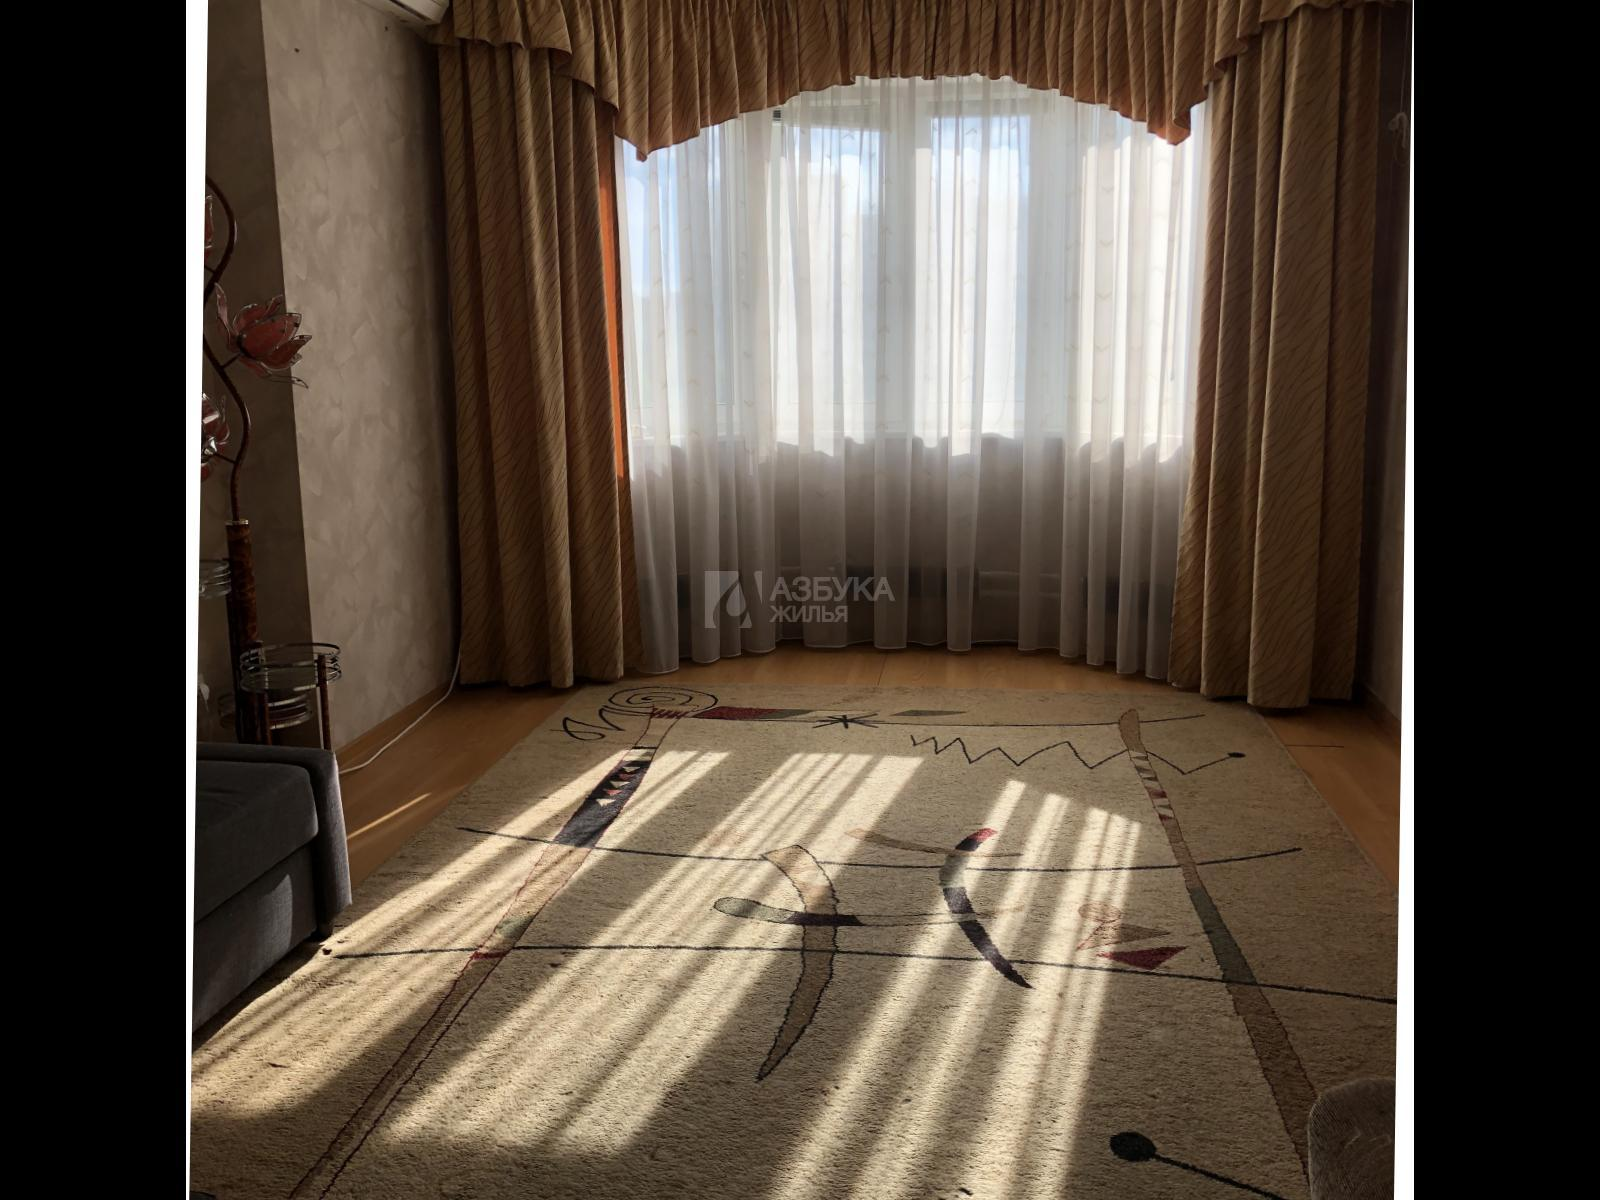 Фото №2 - 1-комнатная квартира, Москва, Зелёный проспект 22, метро Перово